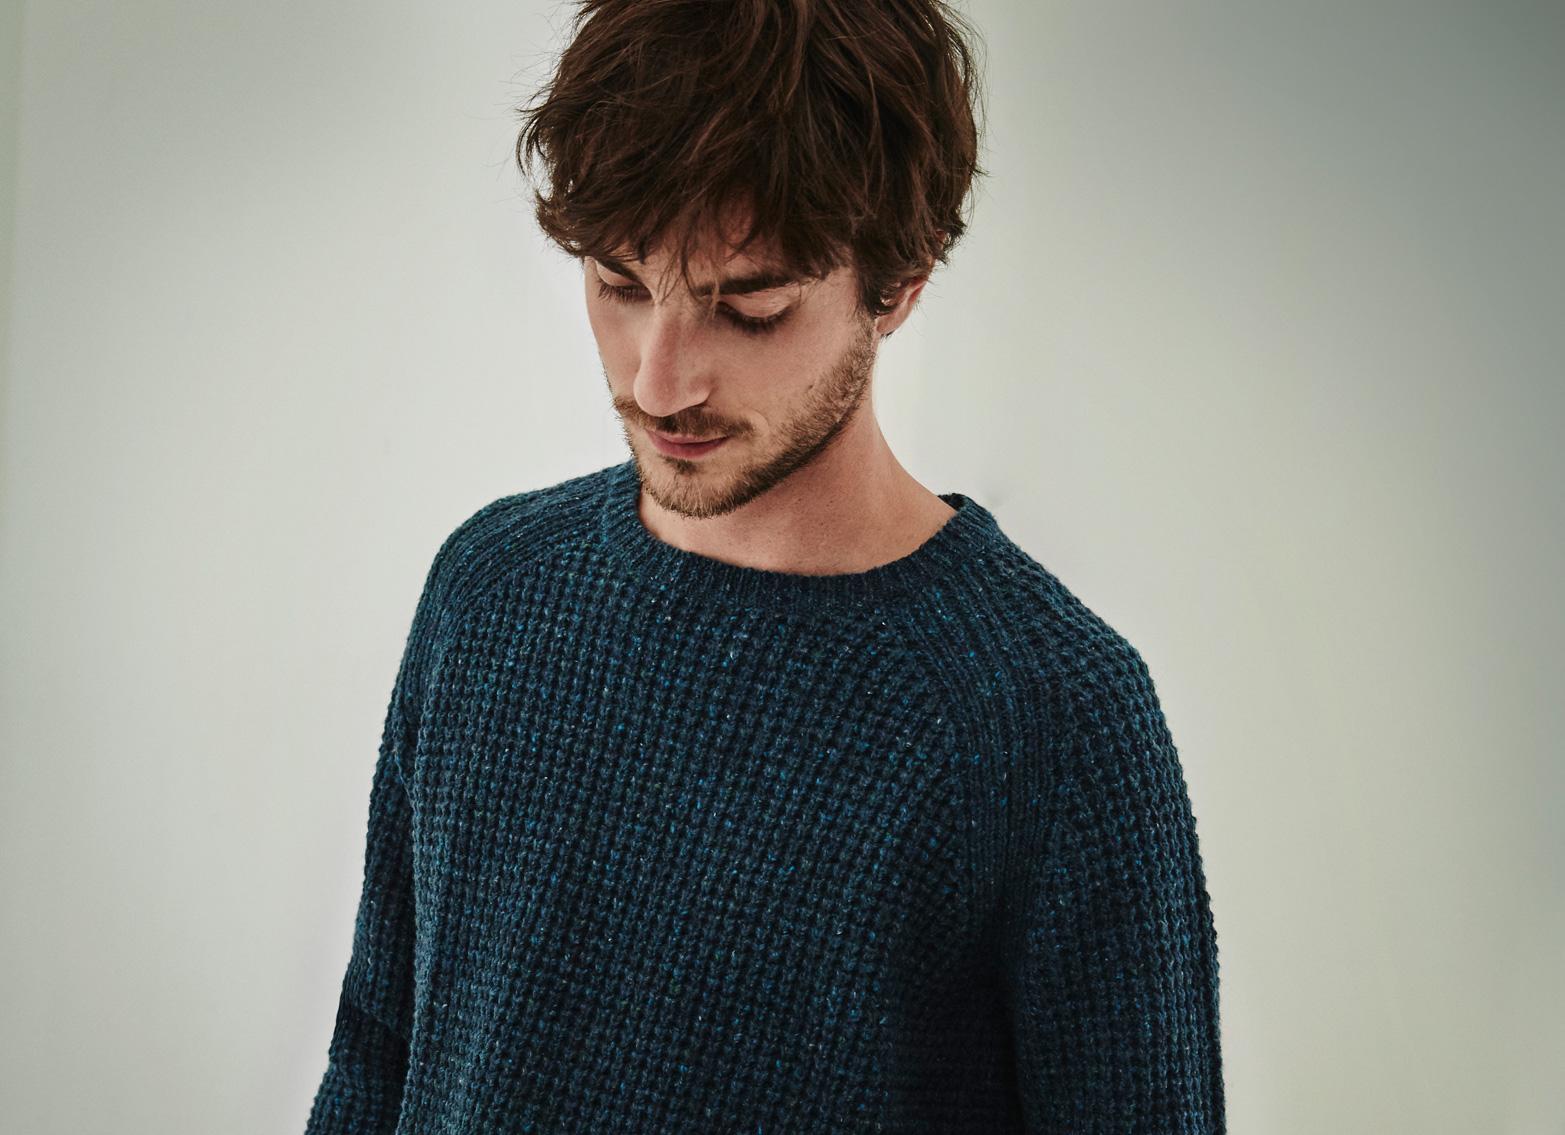 Jersey punto canale  - jerseis para hombre - Prendas de punto AD Hombre  - Adolfo Dominguez Online